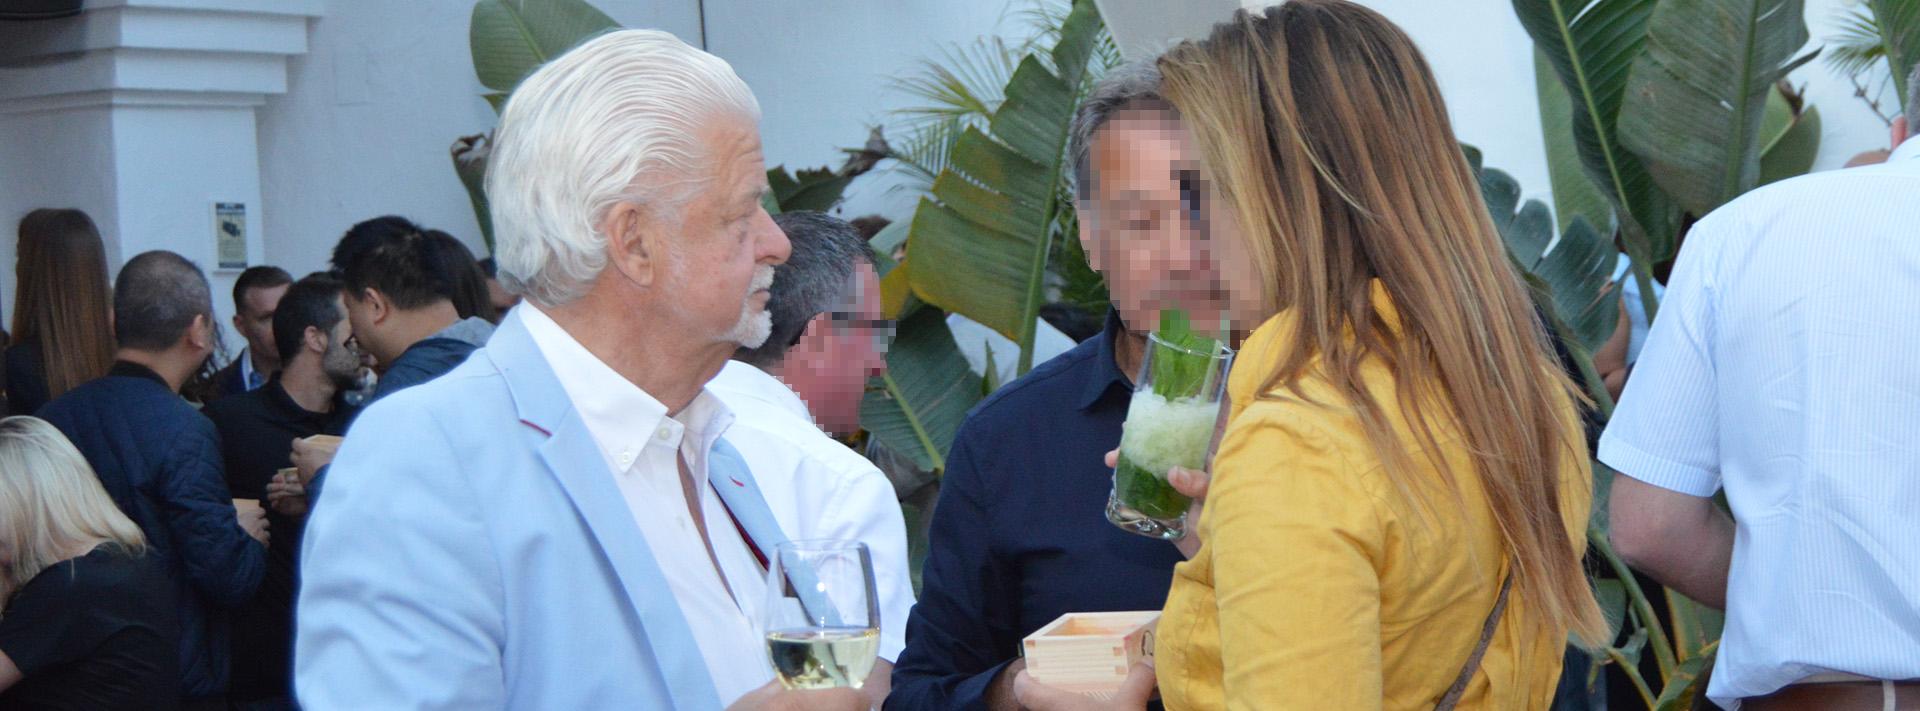 Detenido Lars Broberg, marido de la alcaldesa de Marbella, en una operación policial contra presuntos delitos económicos